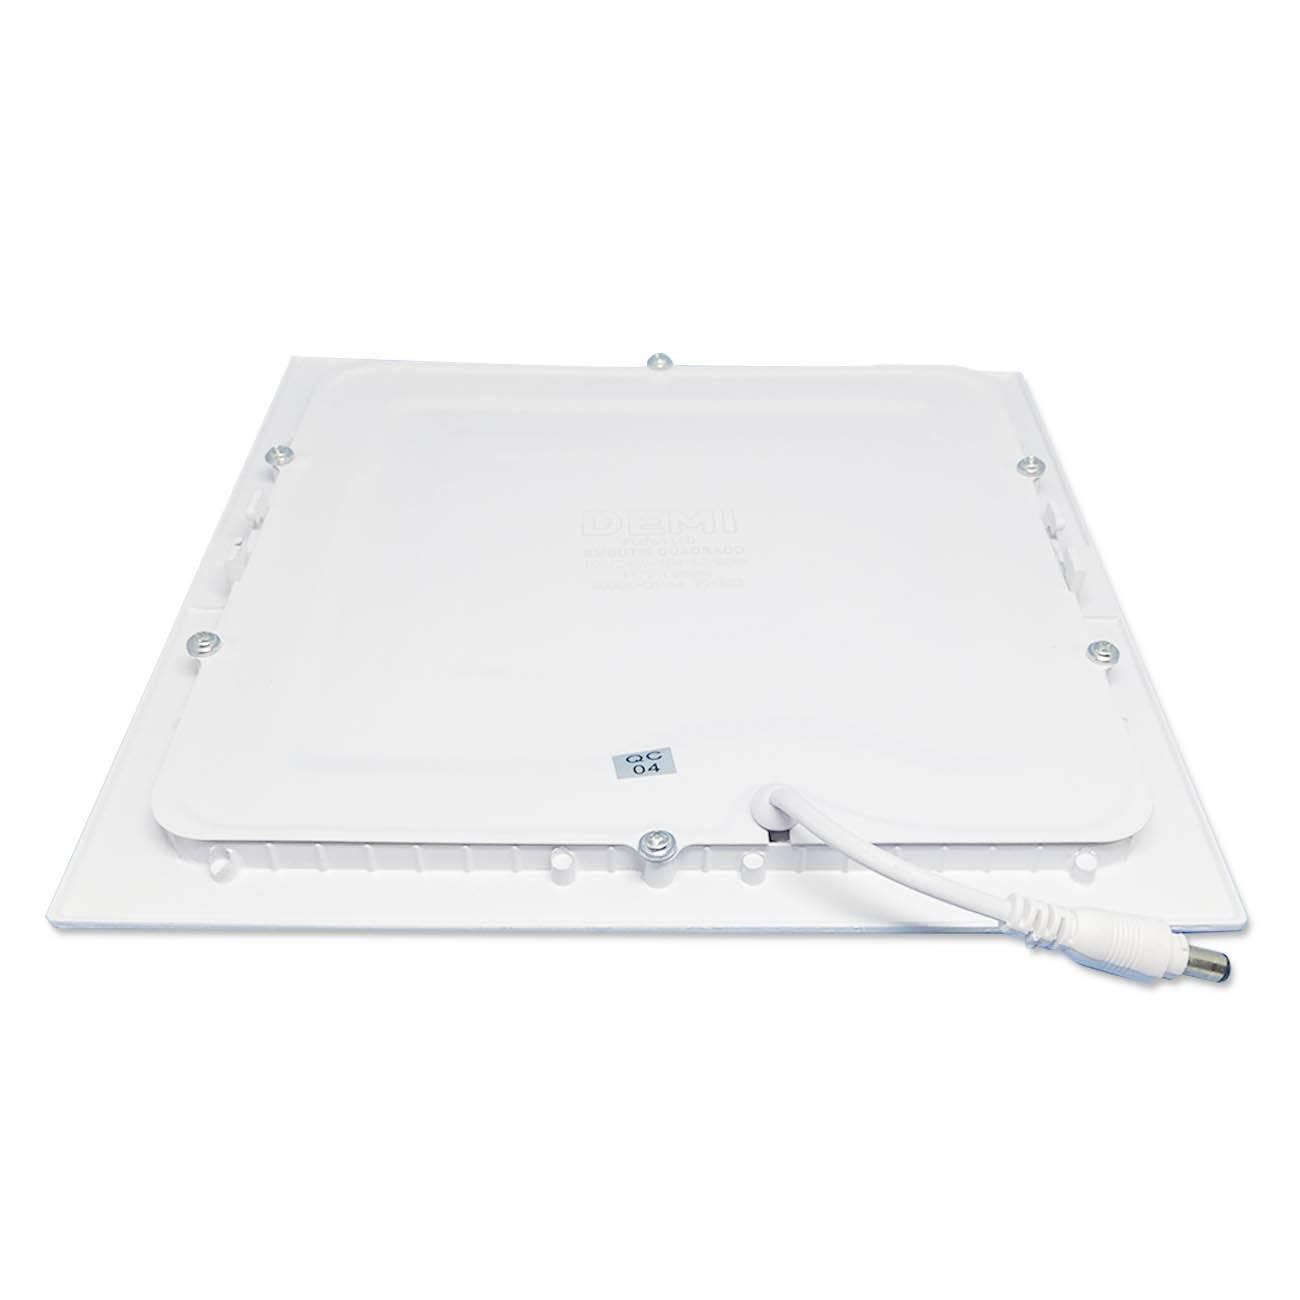 Luminária Plafon Led Embutir Slim Quadrado 18w Branco Frio - LCGELETRO